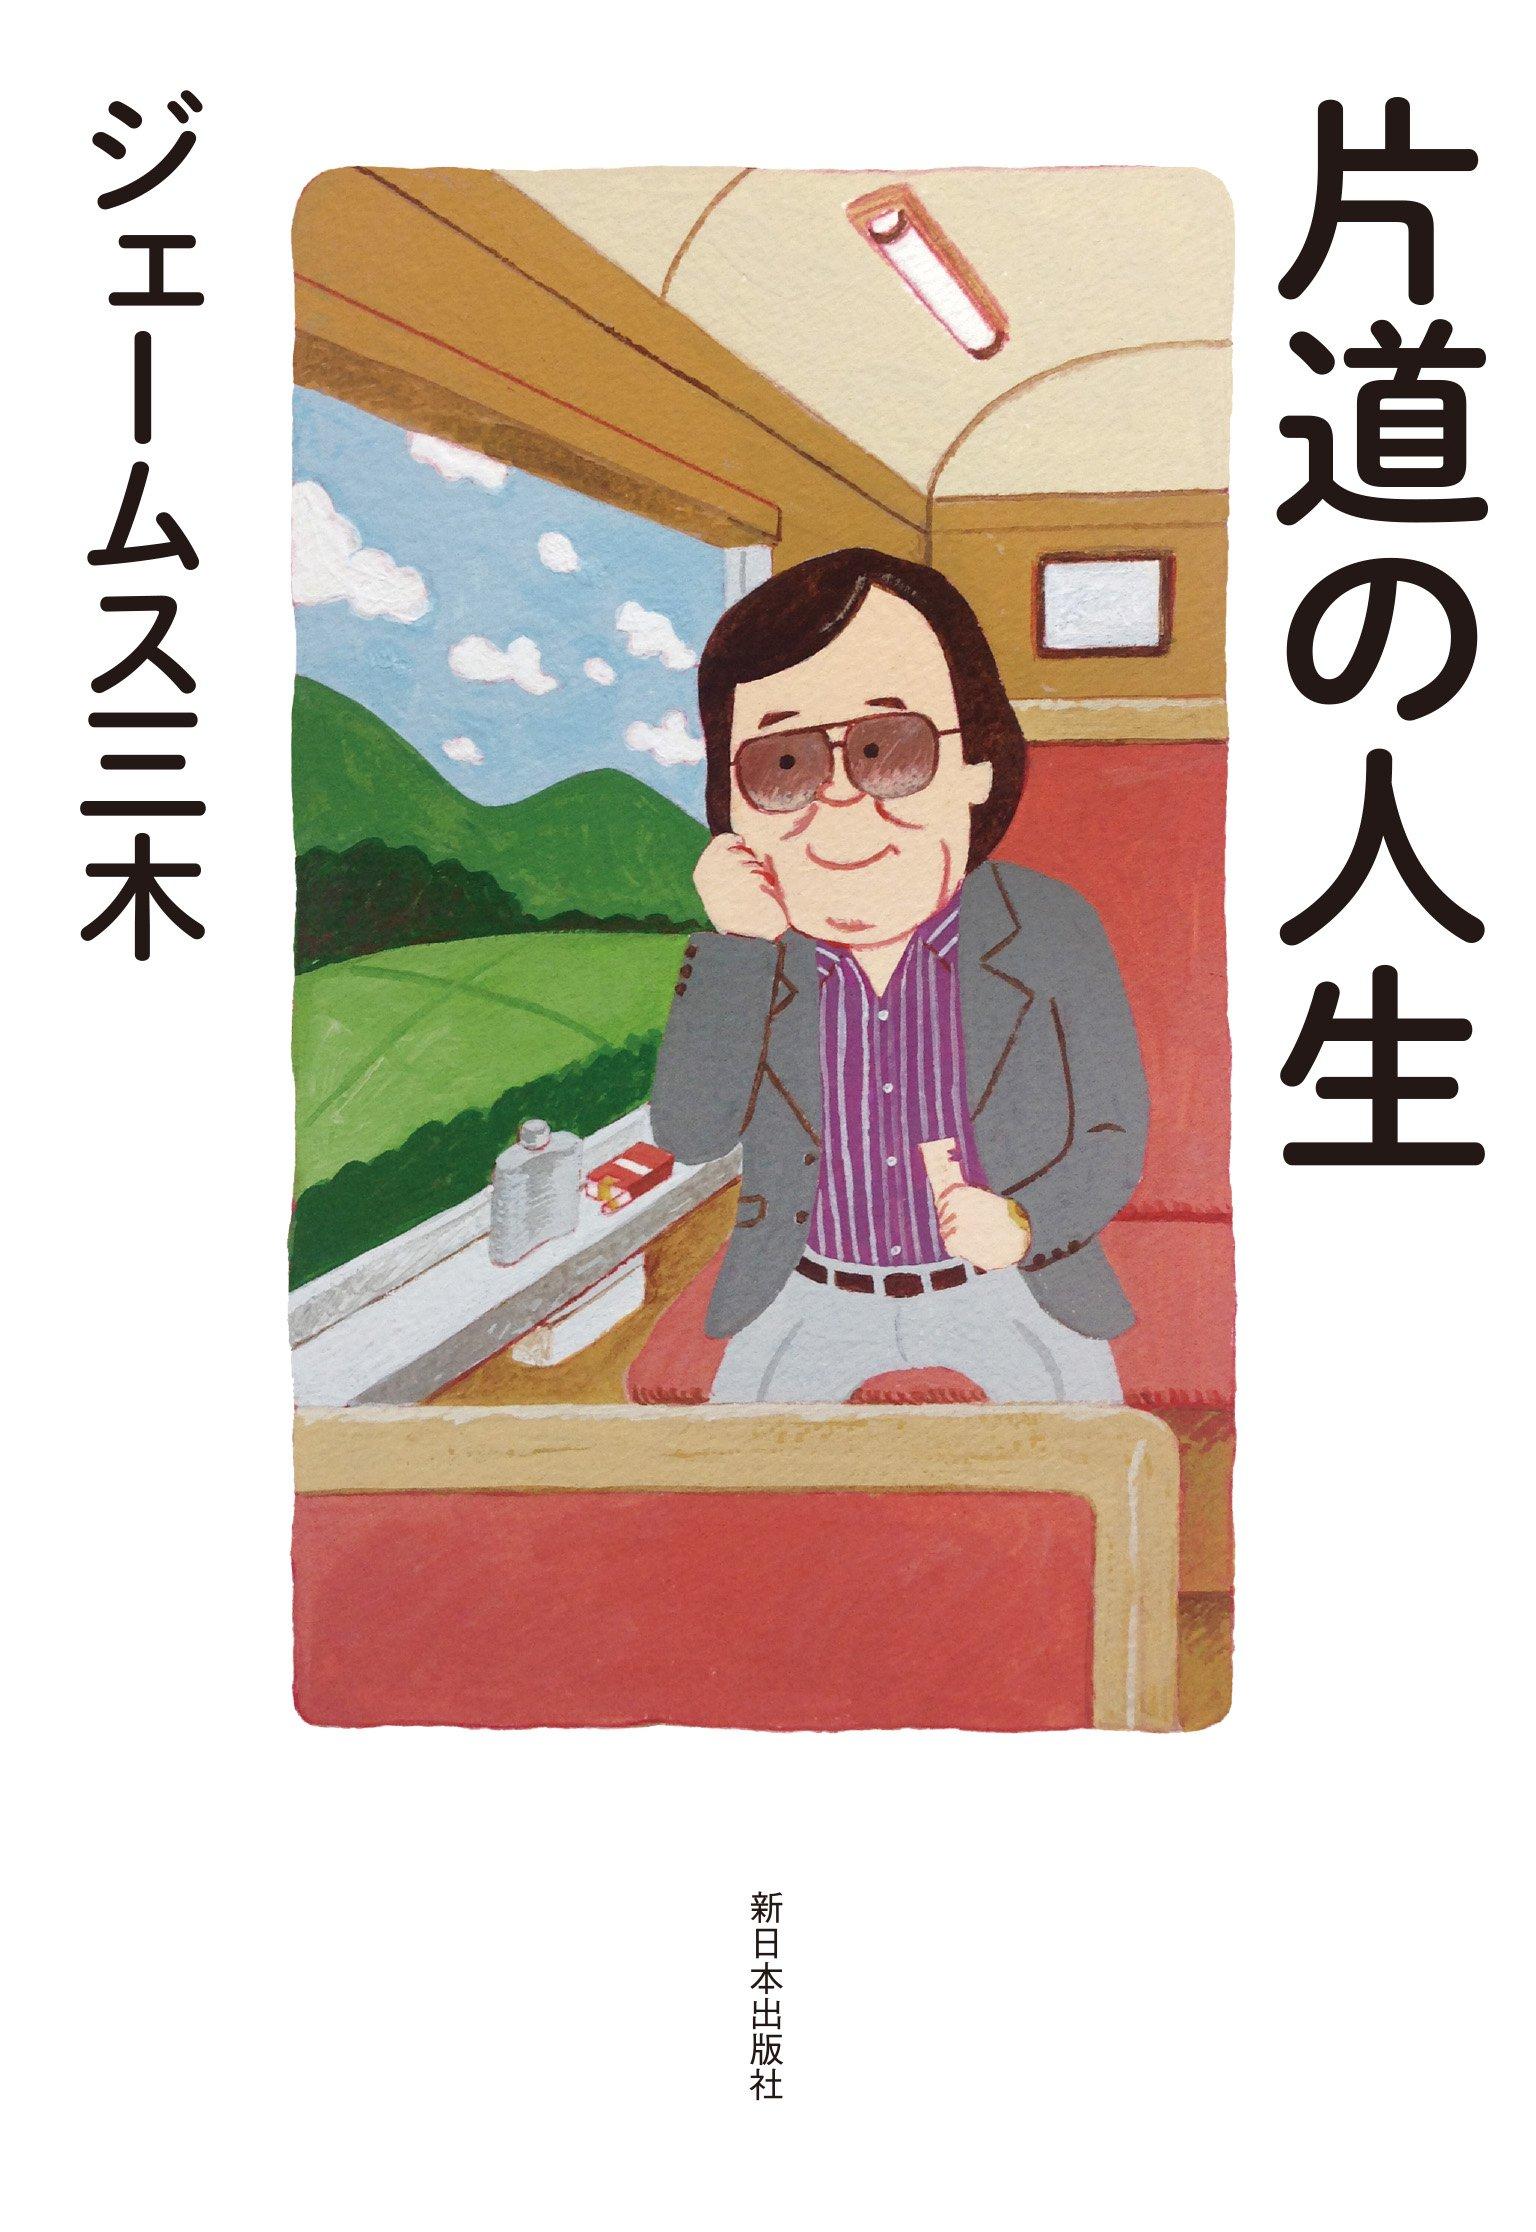 ジェームス 三木(James Miki)